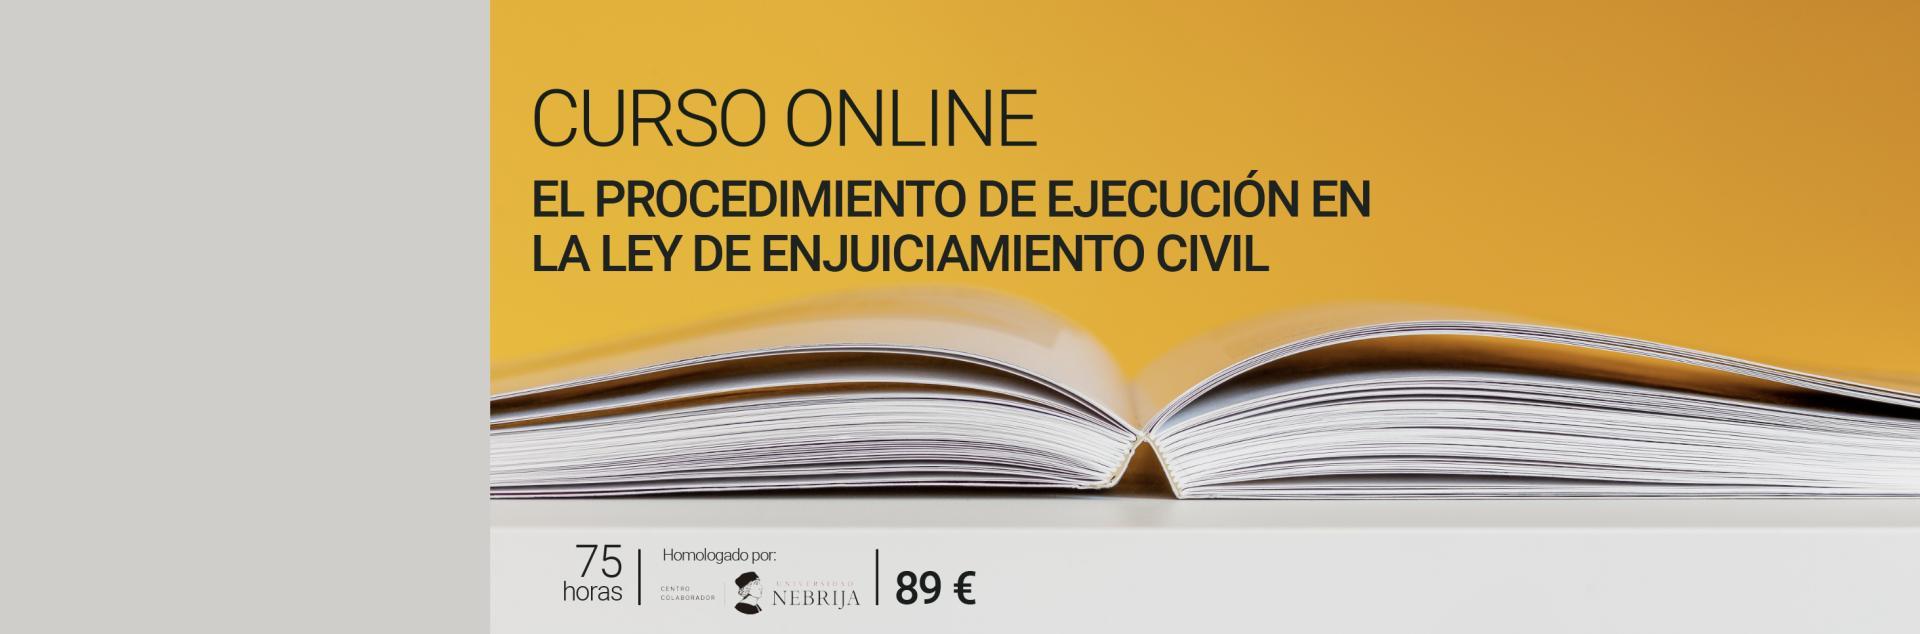 Cursos Online Acreditados Para Empleados Publicos